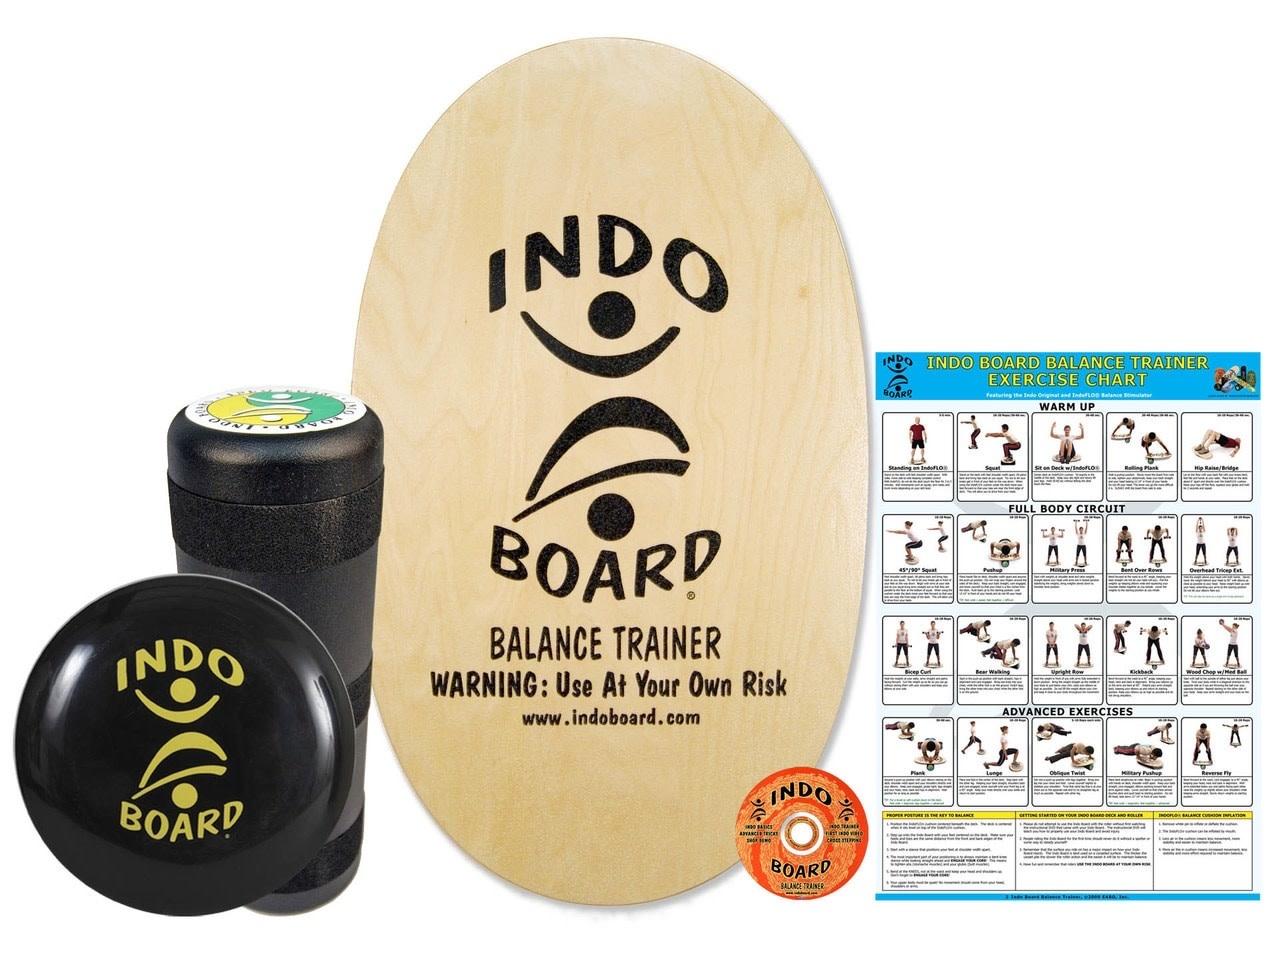 Indo Board Indo Board Balance Trainer